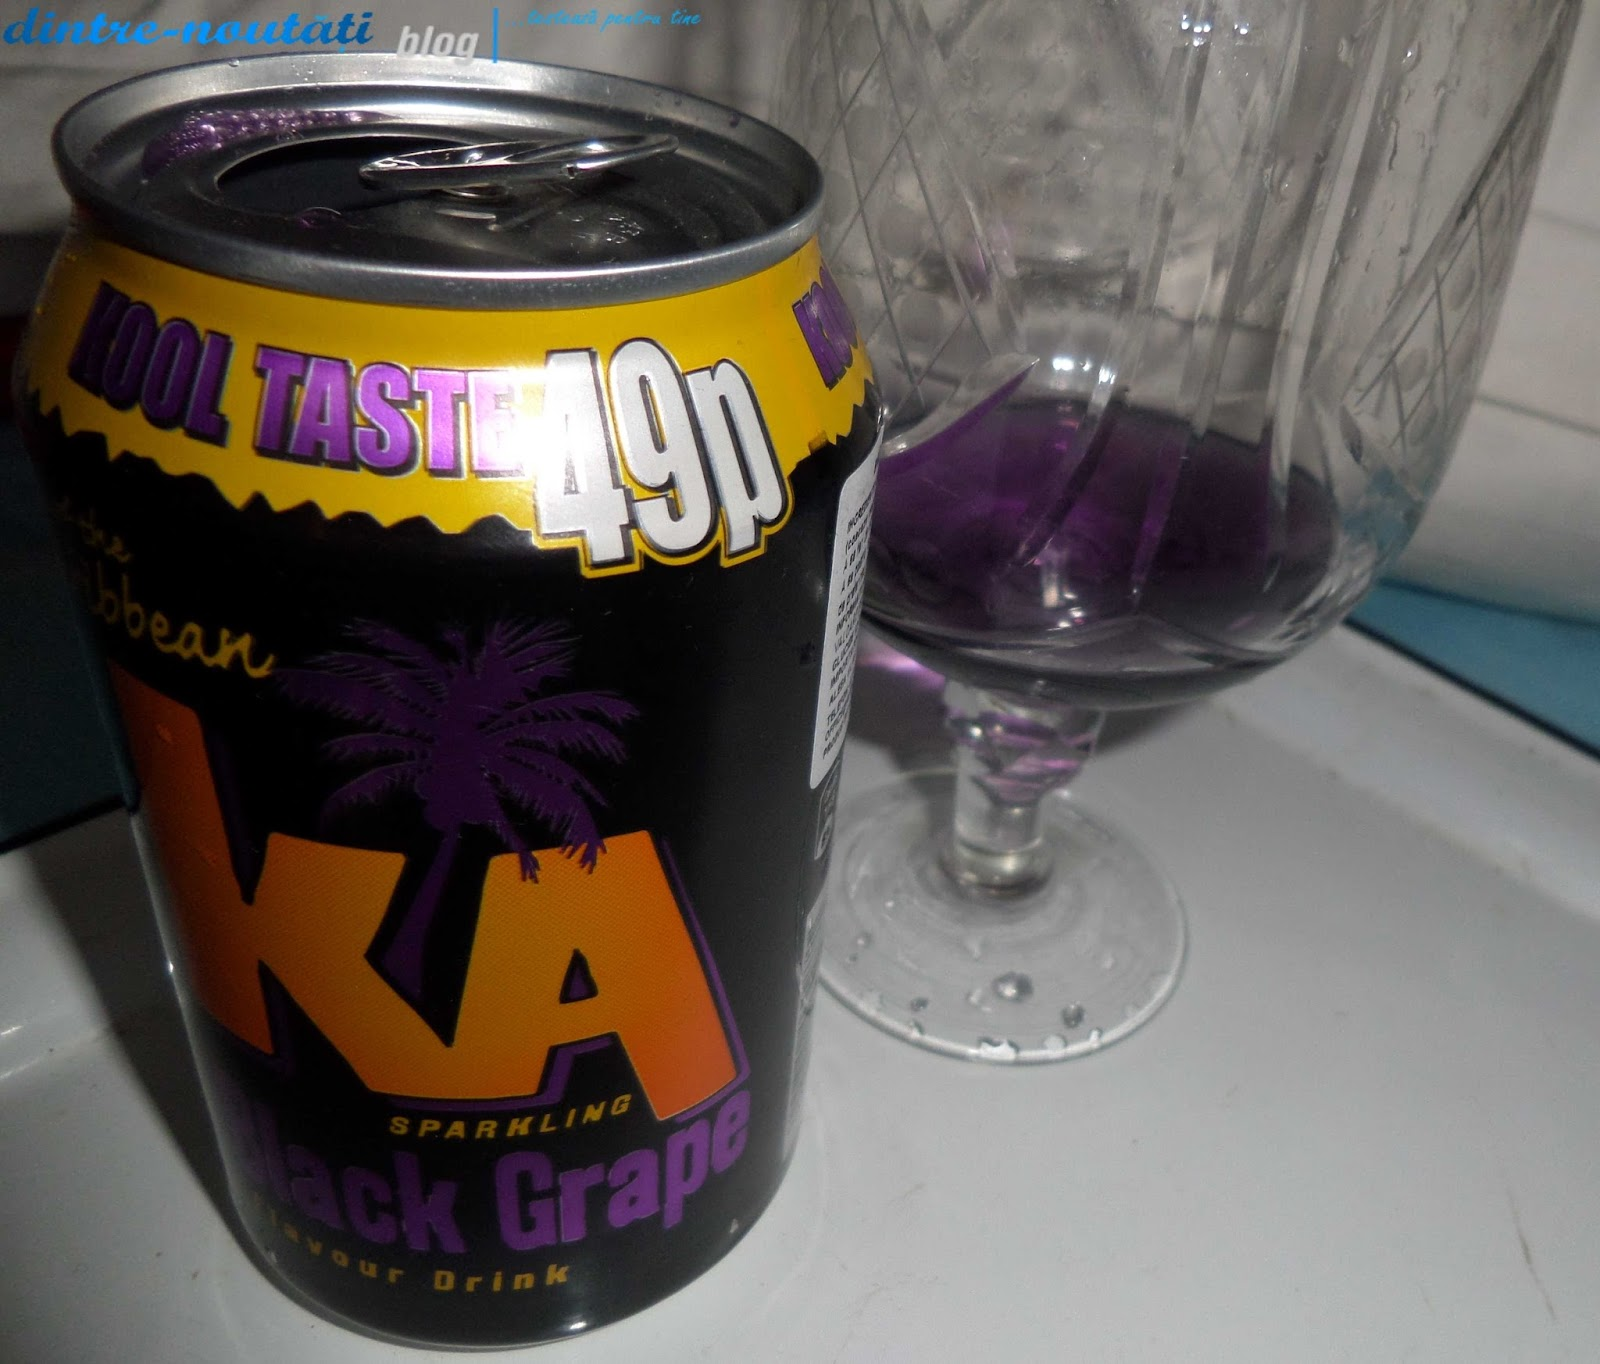 suc de de coacăze negre și struguri negrii ka